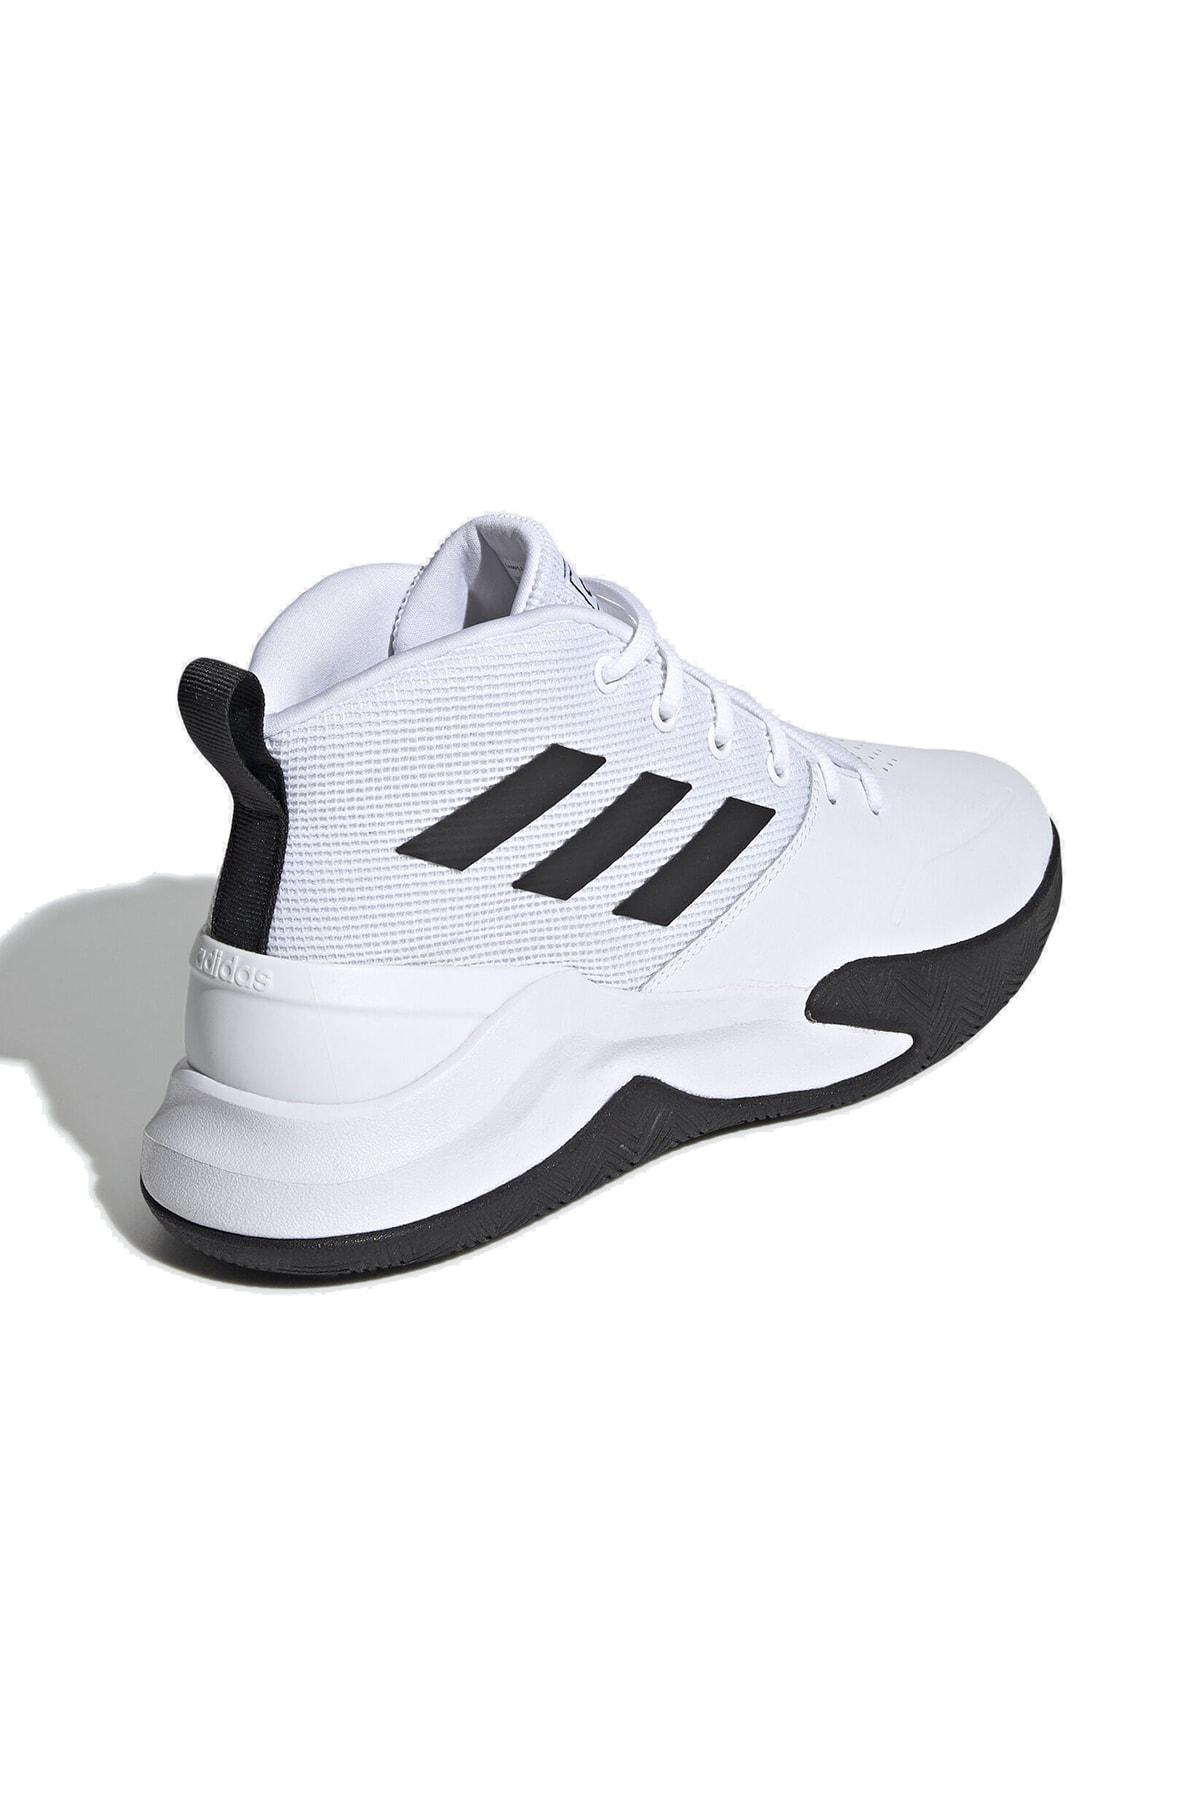 adidas OWNTHEGAME Beyaz Erkek Basketbol Ayakkabısı 100663970 3